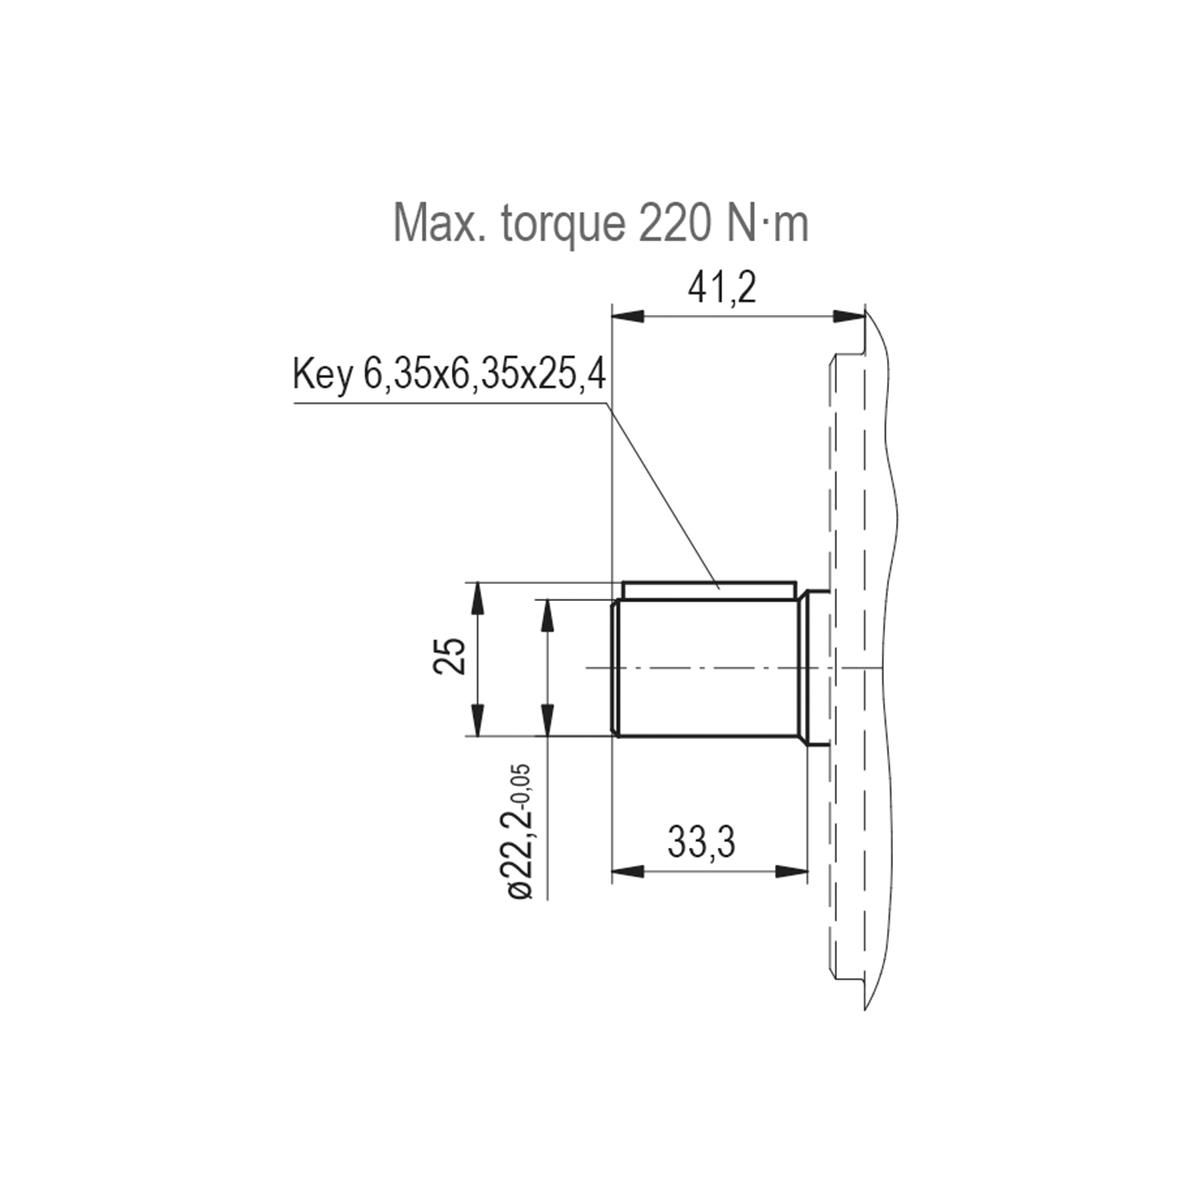 2.32 CID hydraulic gear pump, 7/8 keyed shaft counter-clockwise gear pump   Magister Hydraulics